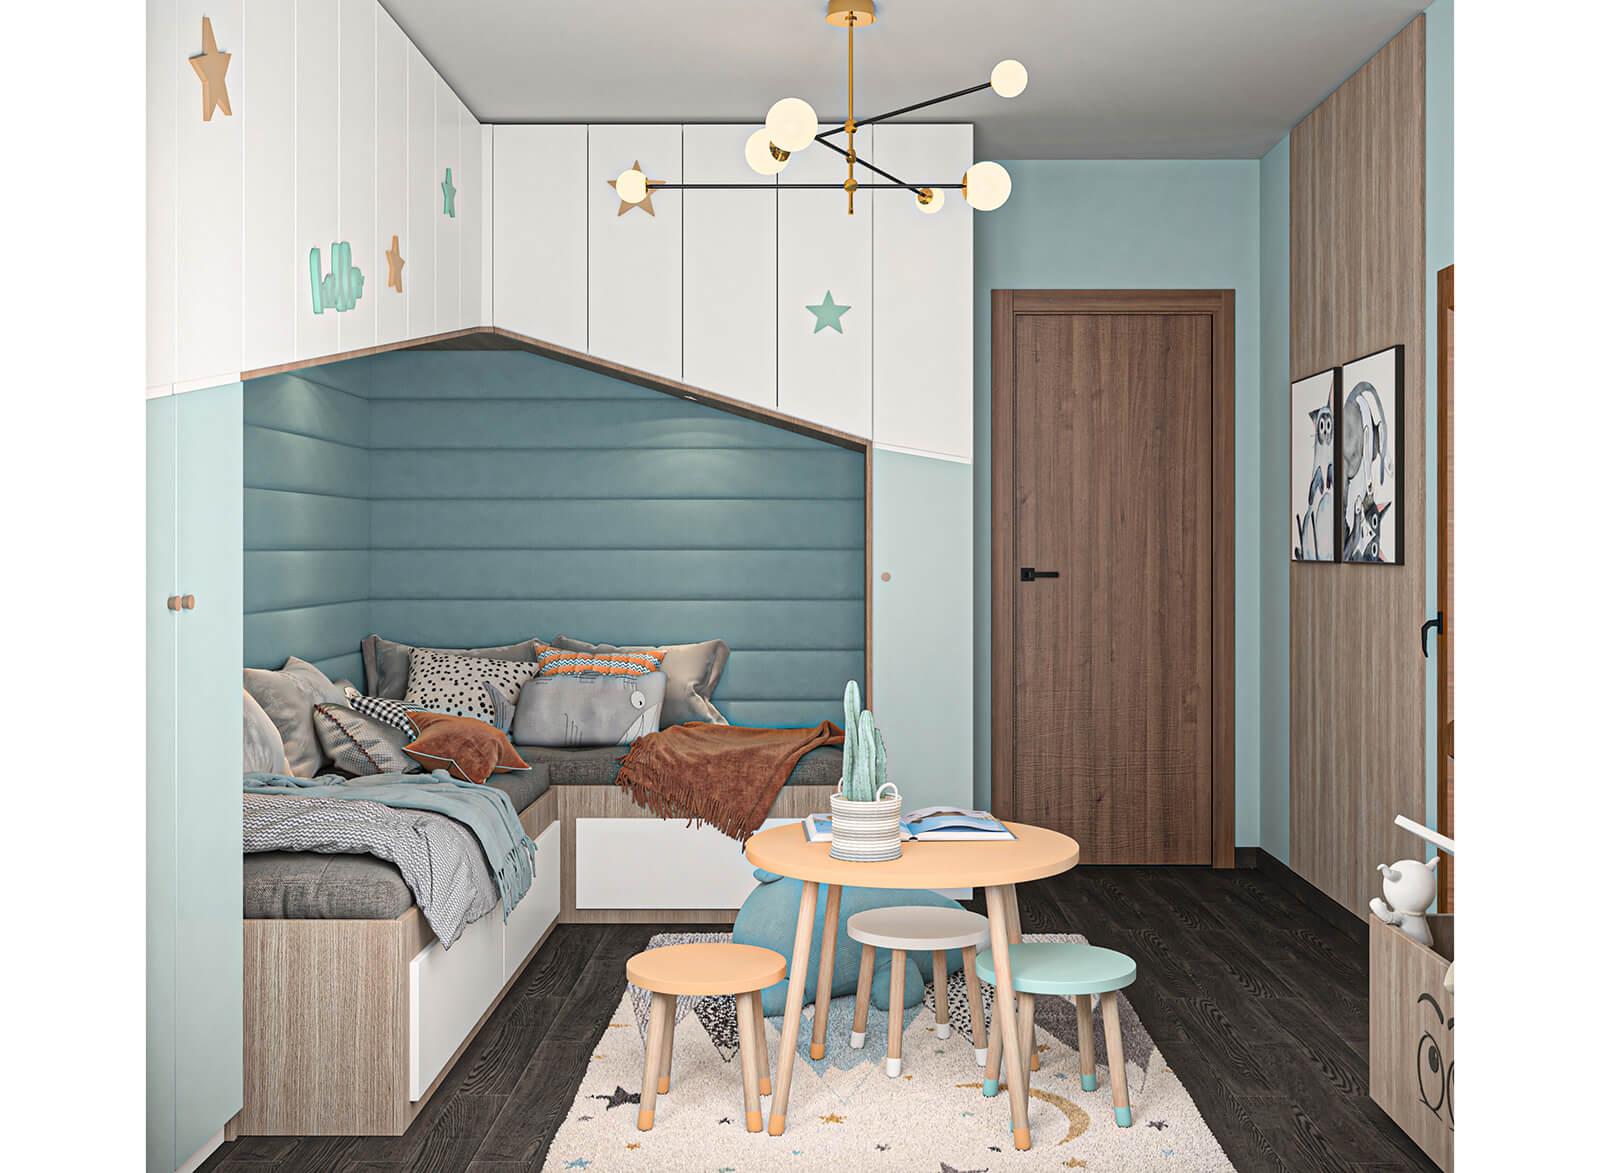 interioren-dizain-proekt-na-detska-staya-za-dve-deca-1